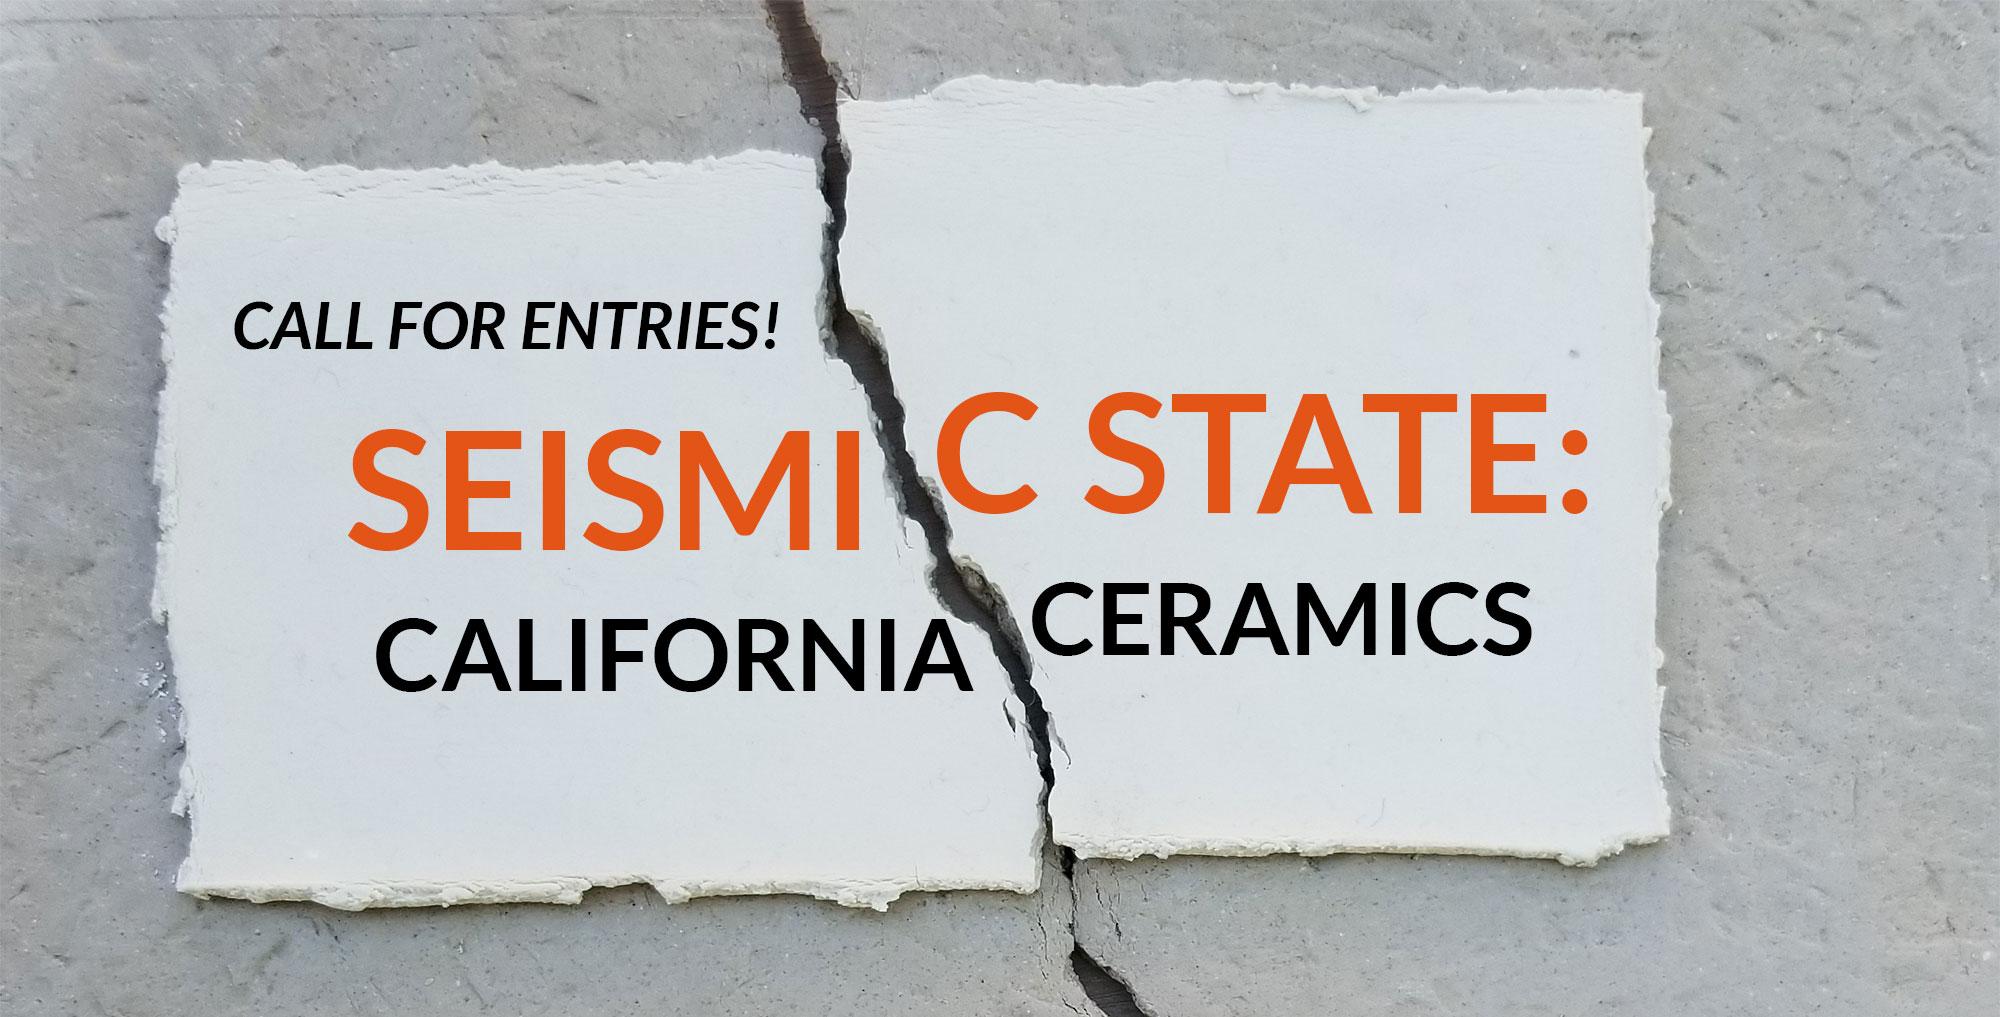 Seismic State: California Ceramics - Call for Entries